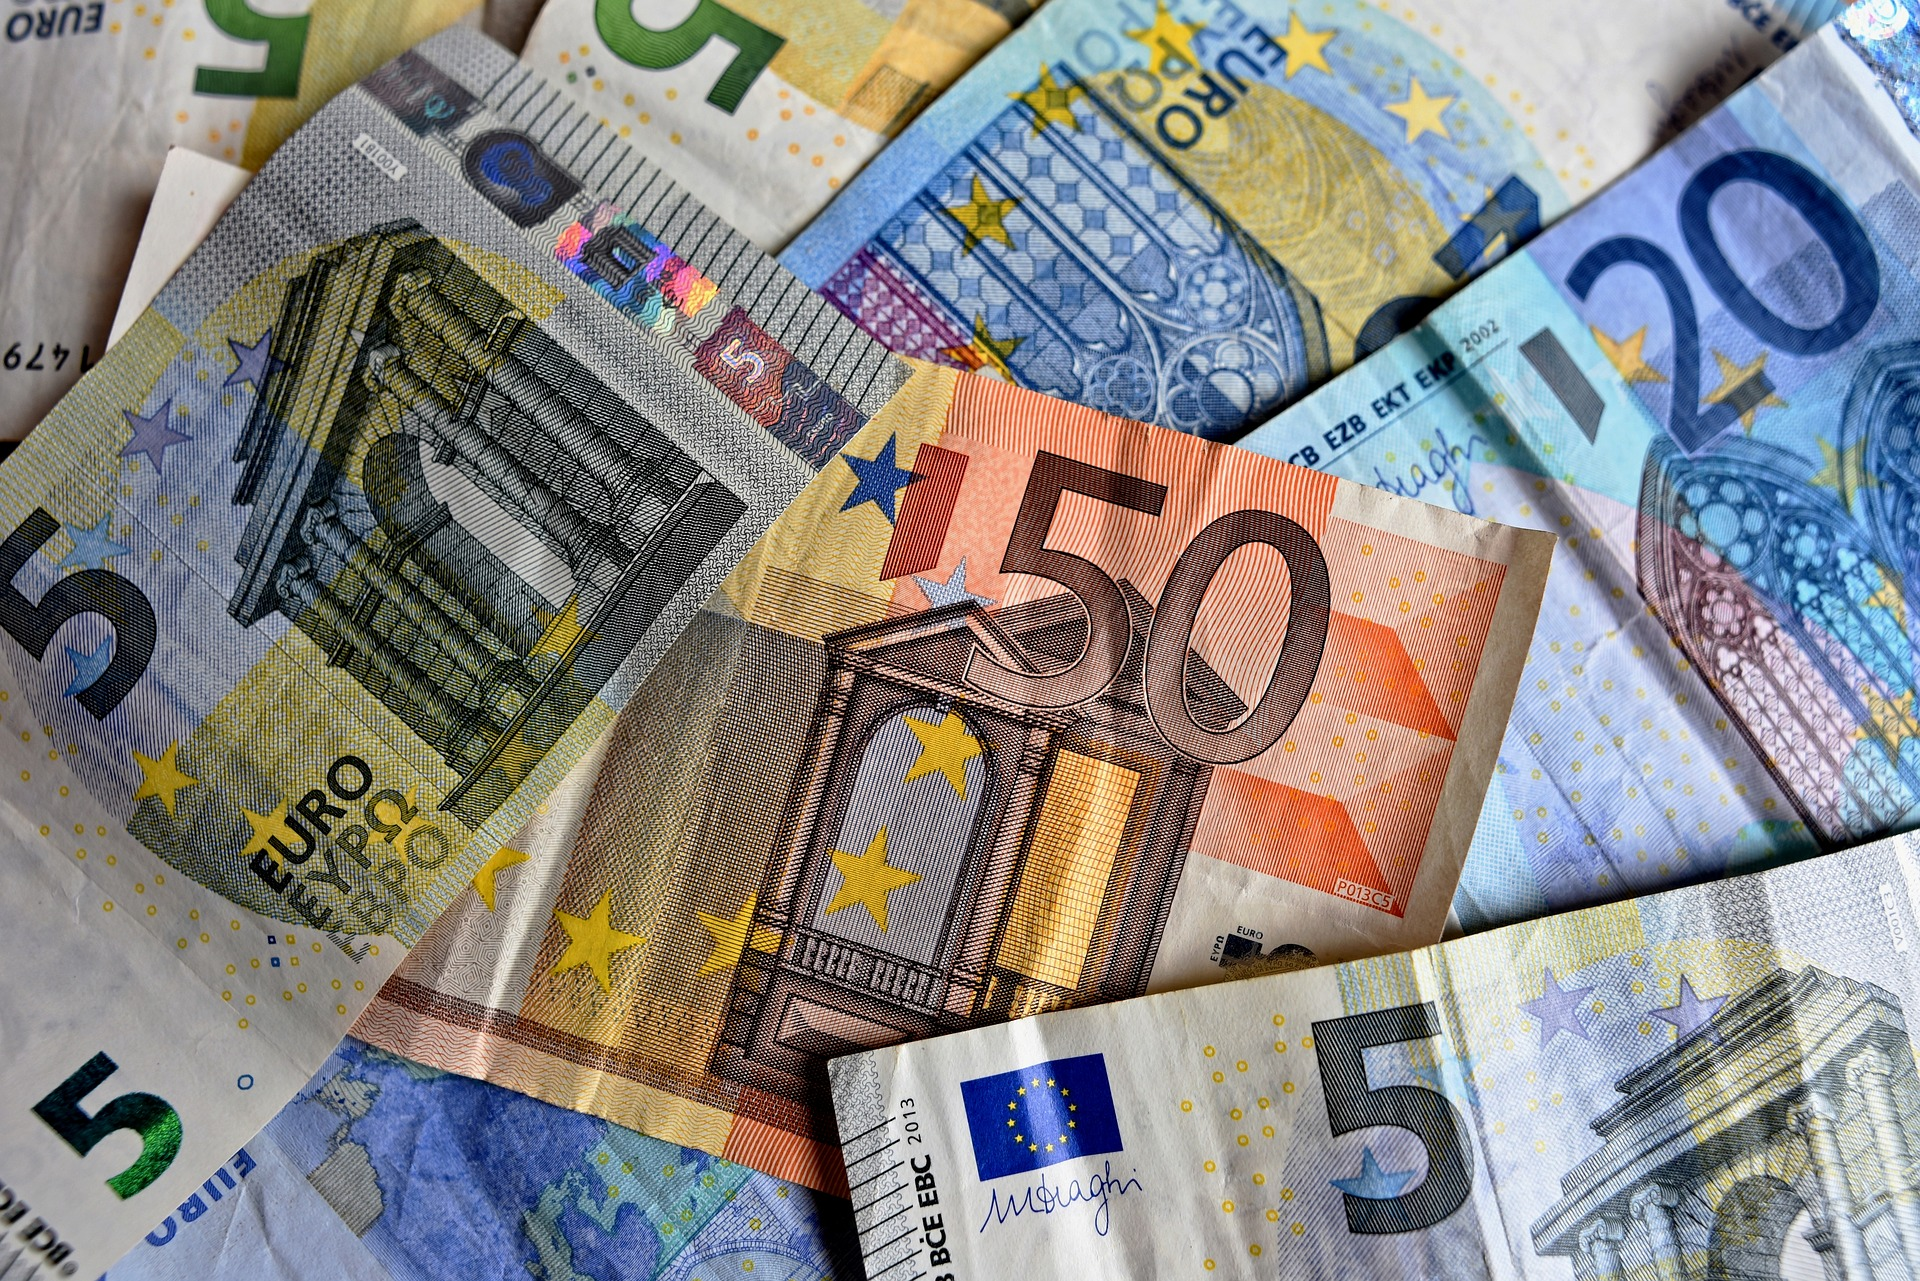 Czy wierzycielowi zawsze przysługuje roszczenie o zapłatę 40 euro?